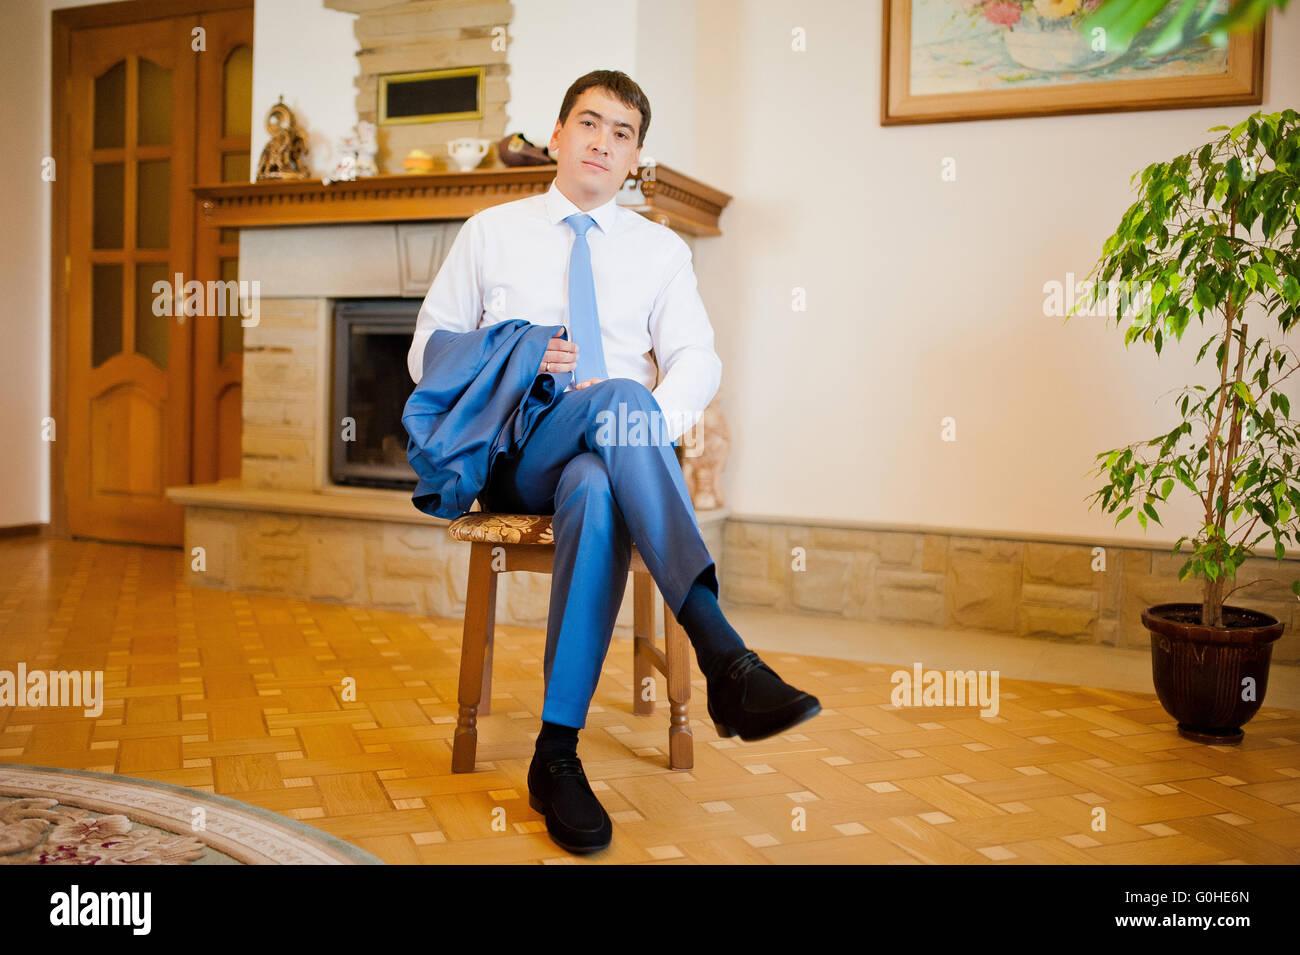 Lo sposo si veste formale di usura e tuta blu Immagini Stock